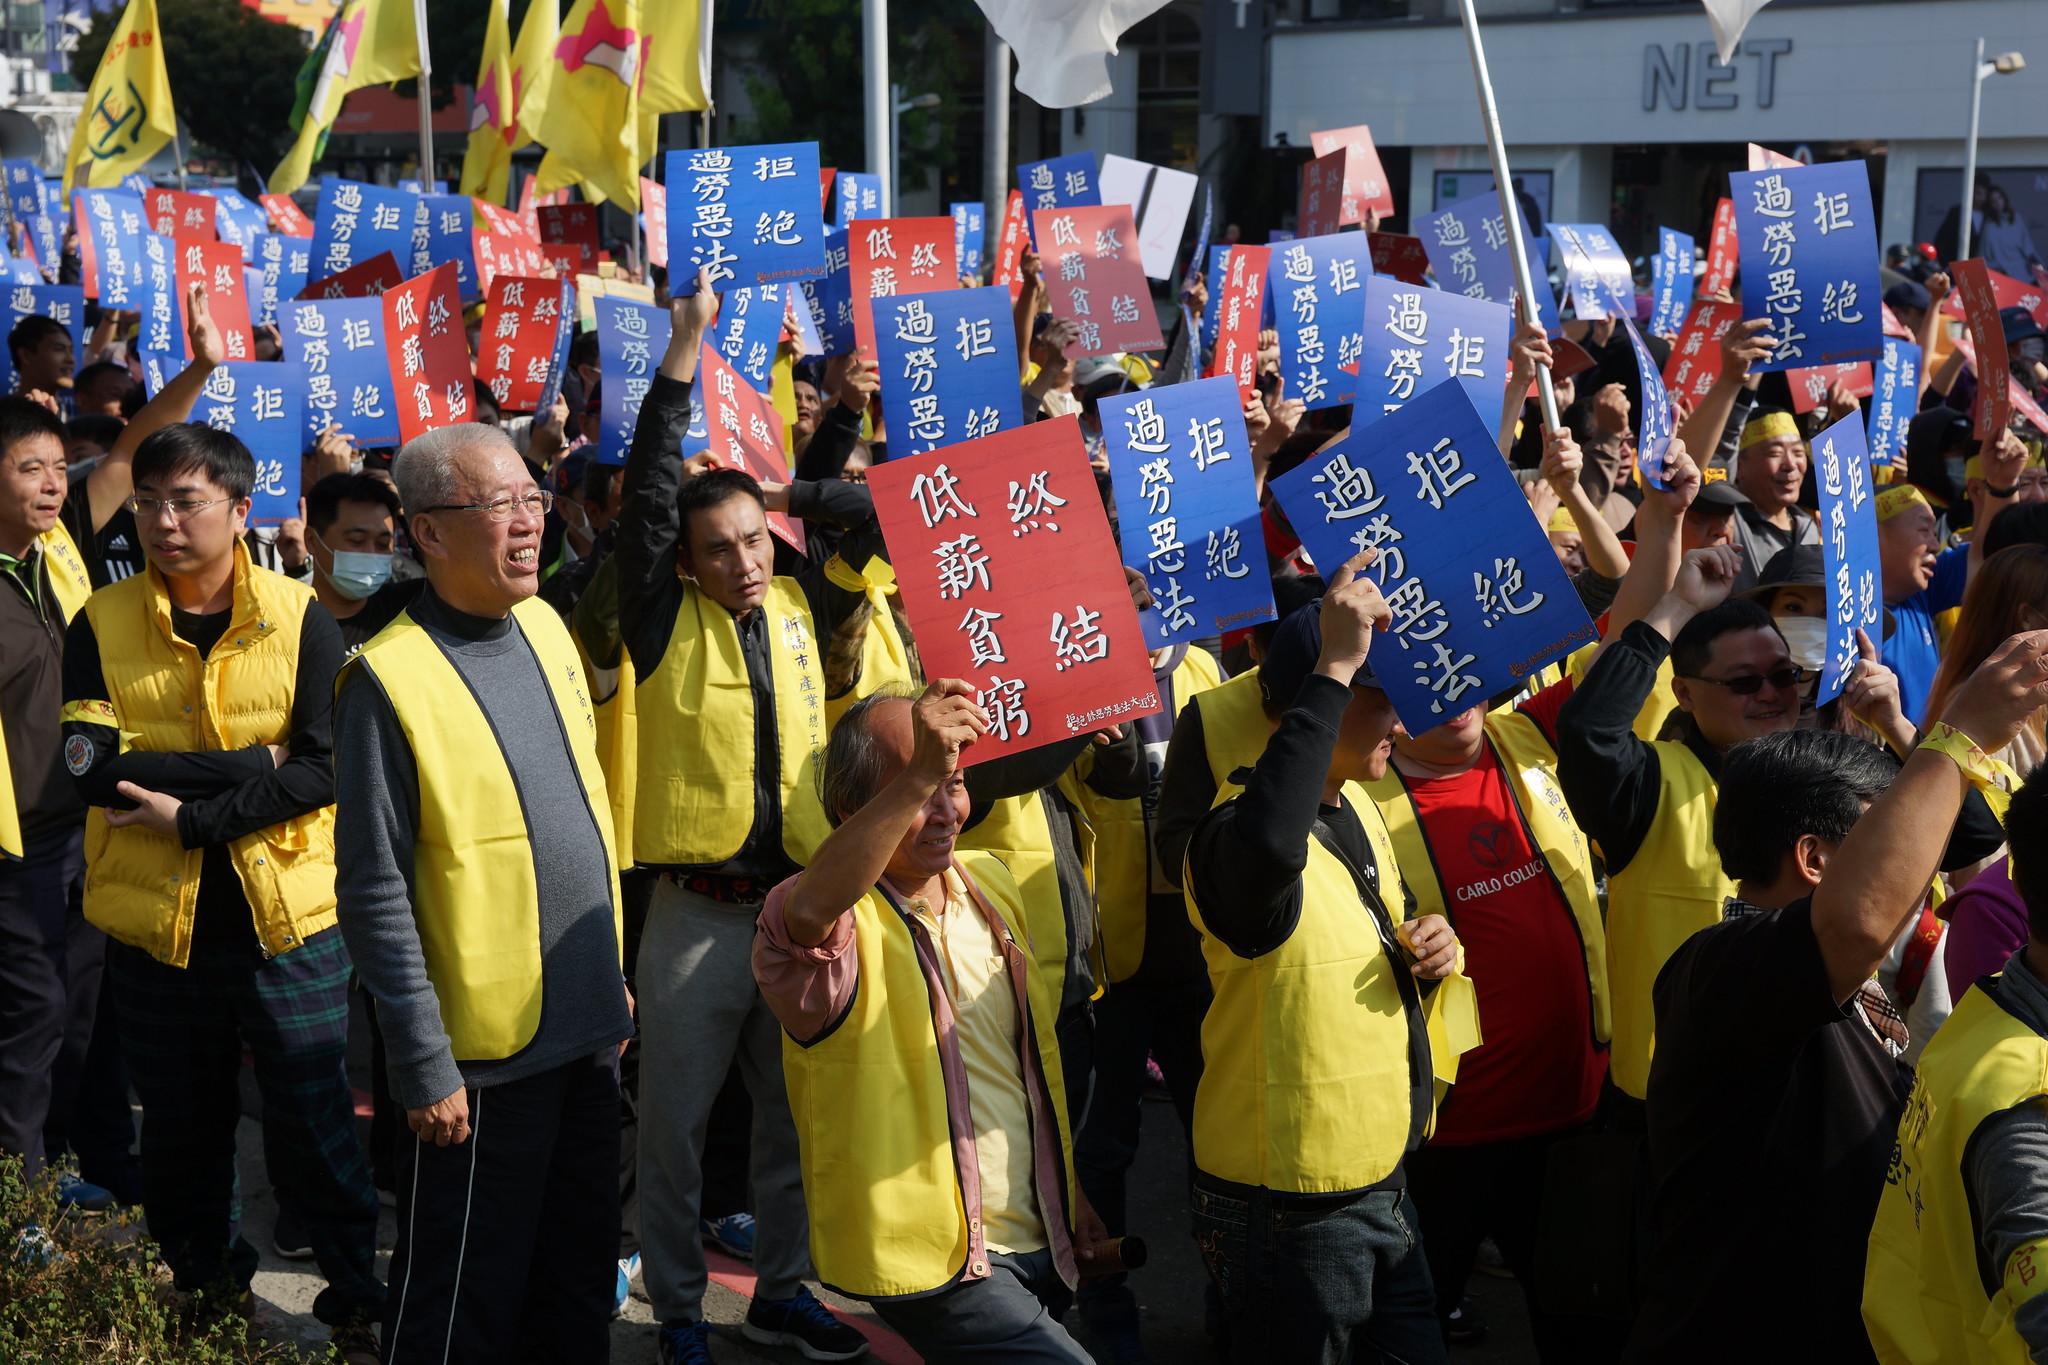 據主辦單位估計,今日響應遊行的工會幹部與民眾多達三萬人。(攝影:王顥中)